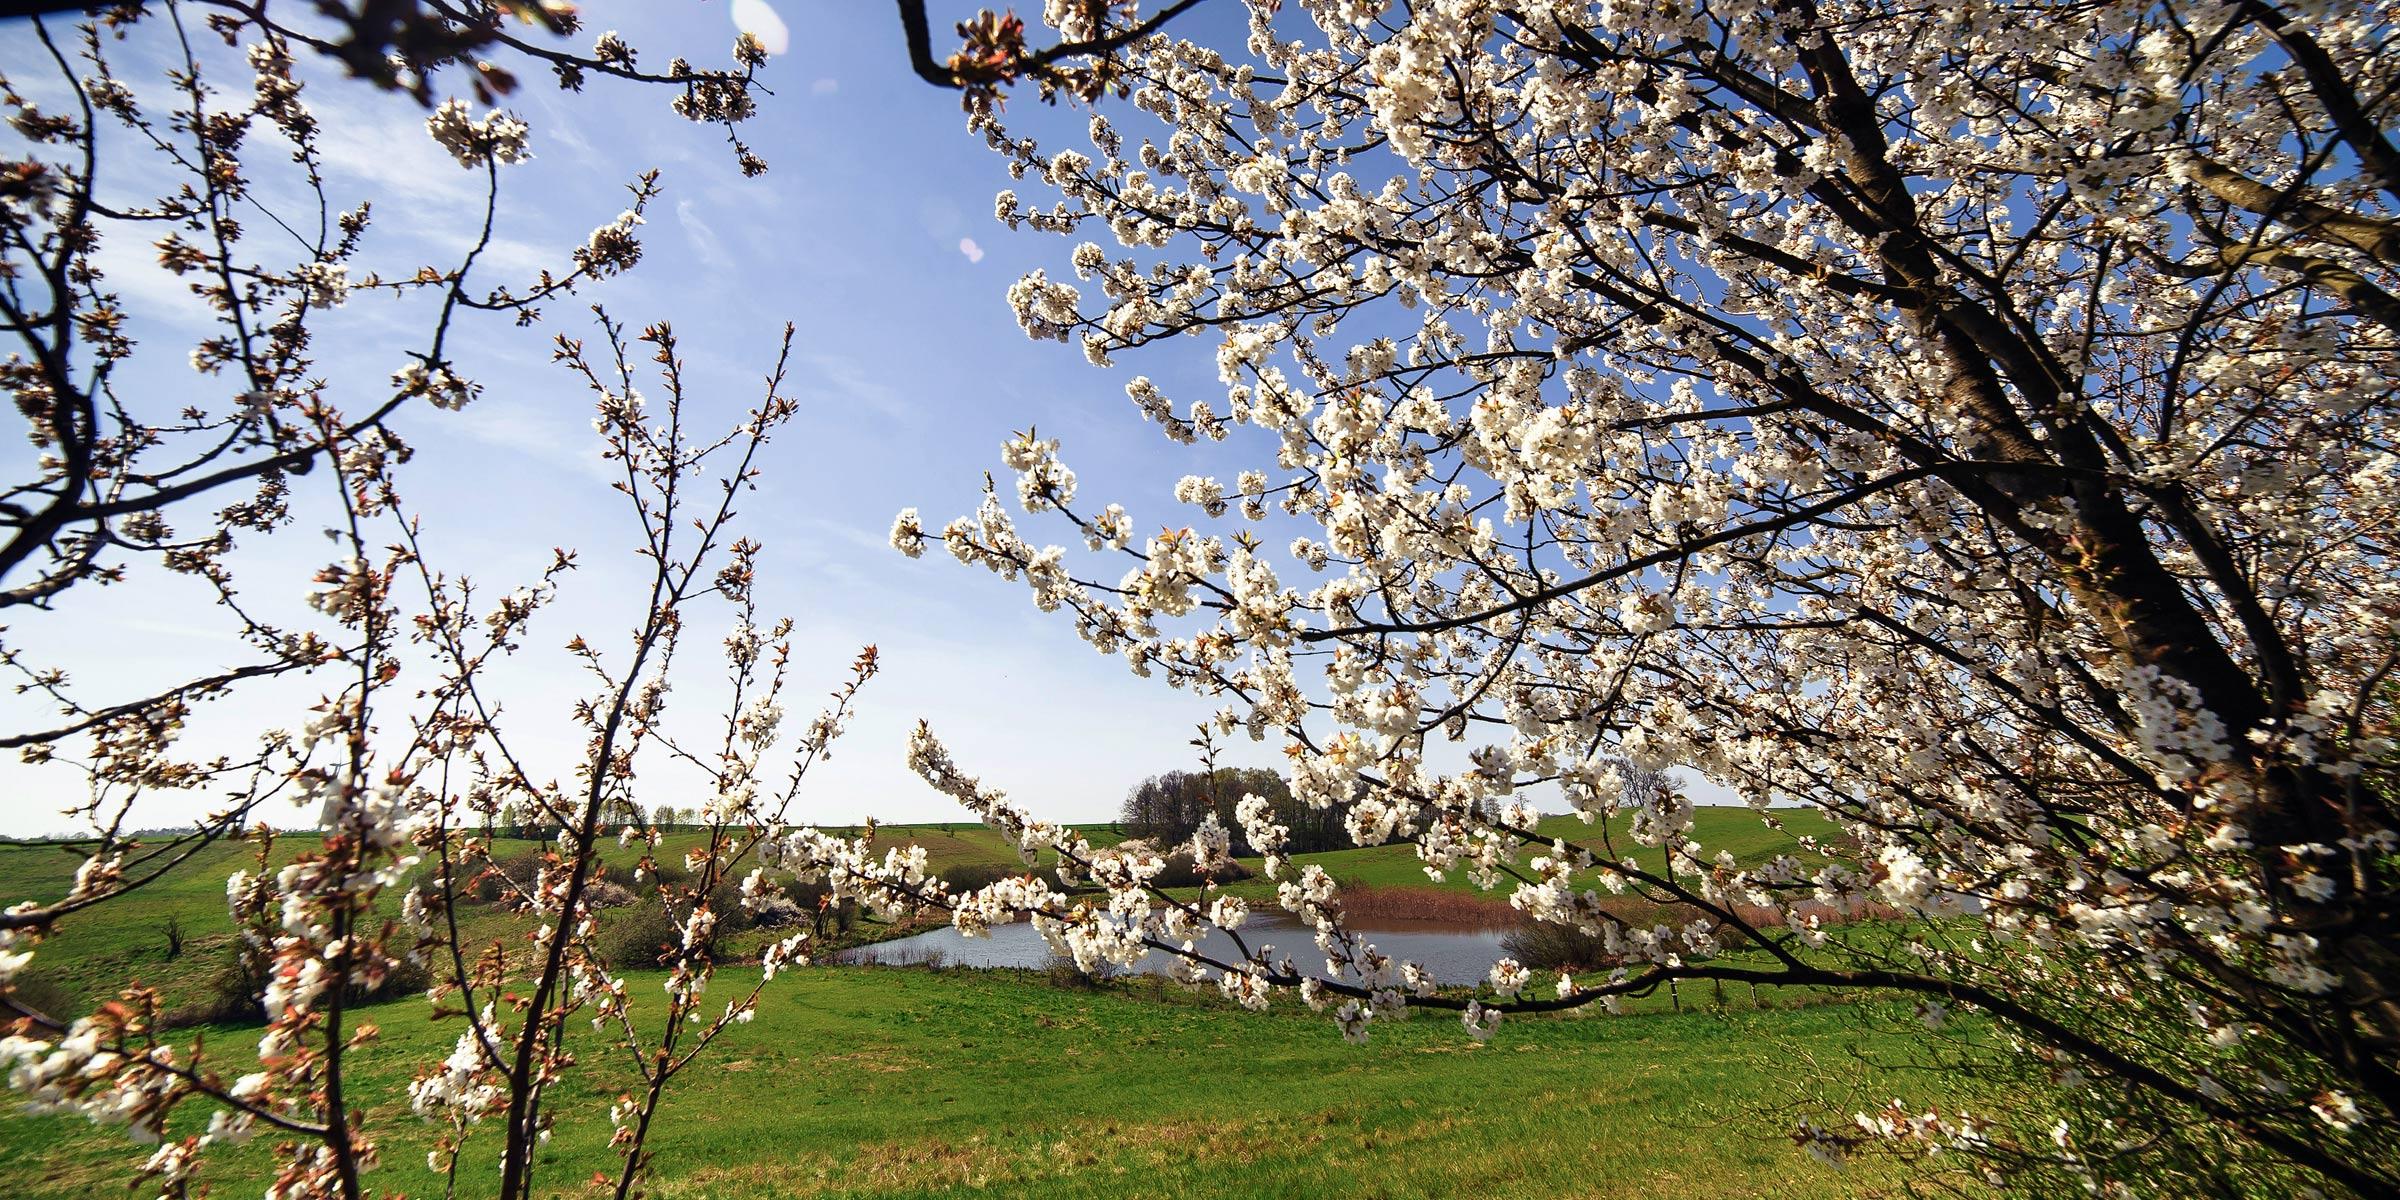 buckowseerinne-blüten